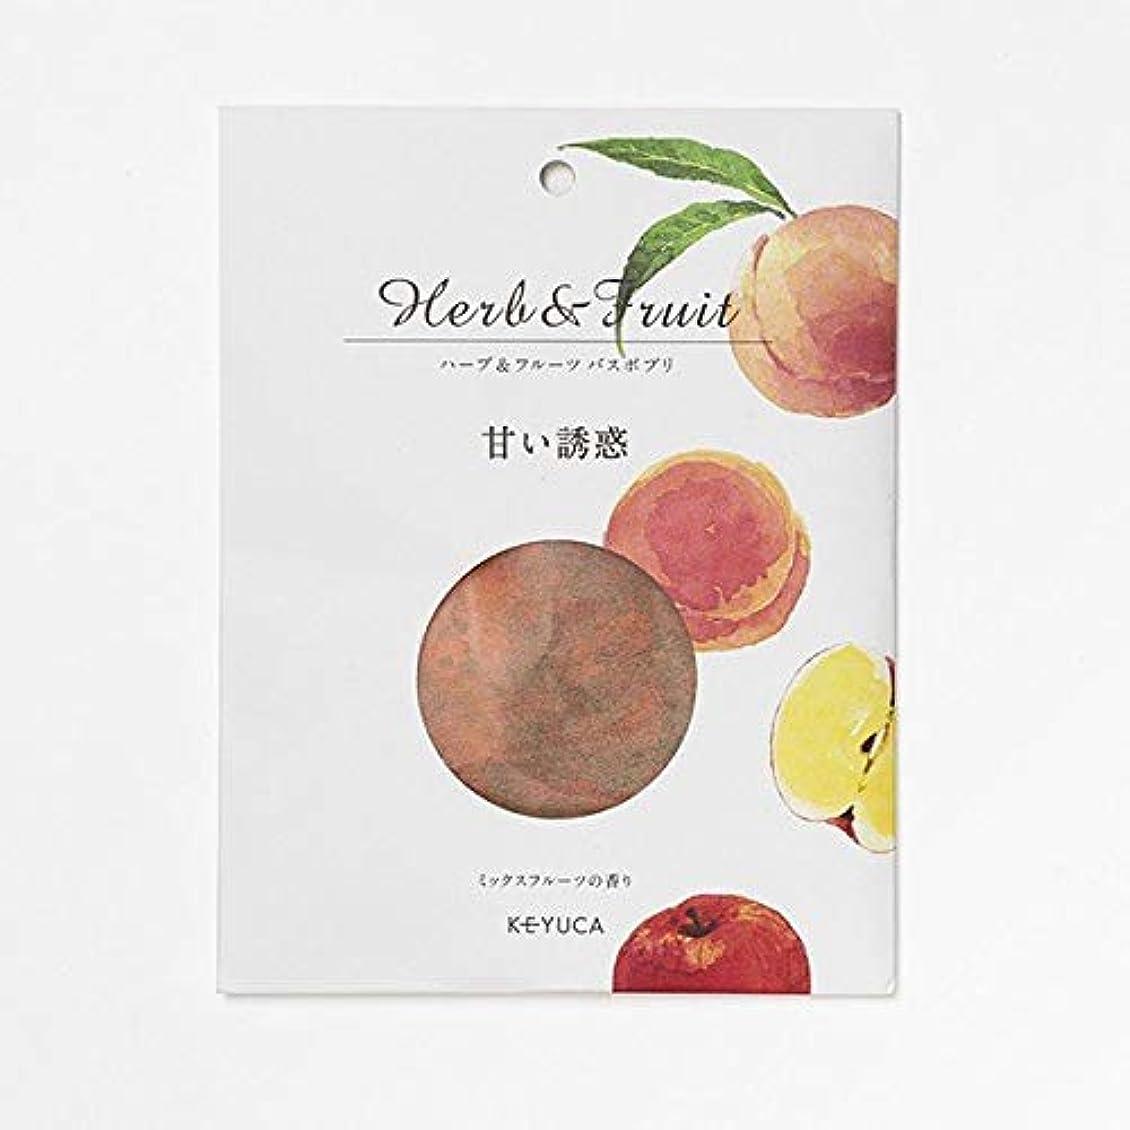 晴れコインランドリーブラシKEYUCA(ケユカ) ハーブバスポプリ 甘い誘惑